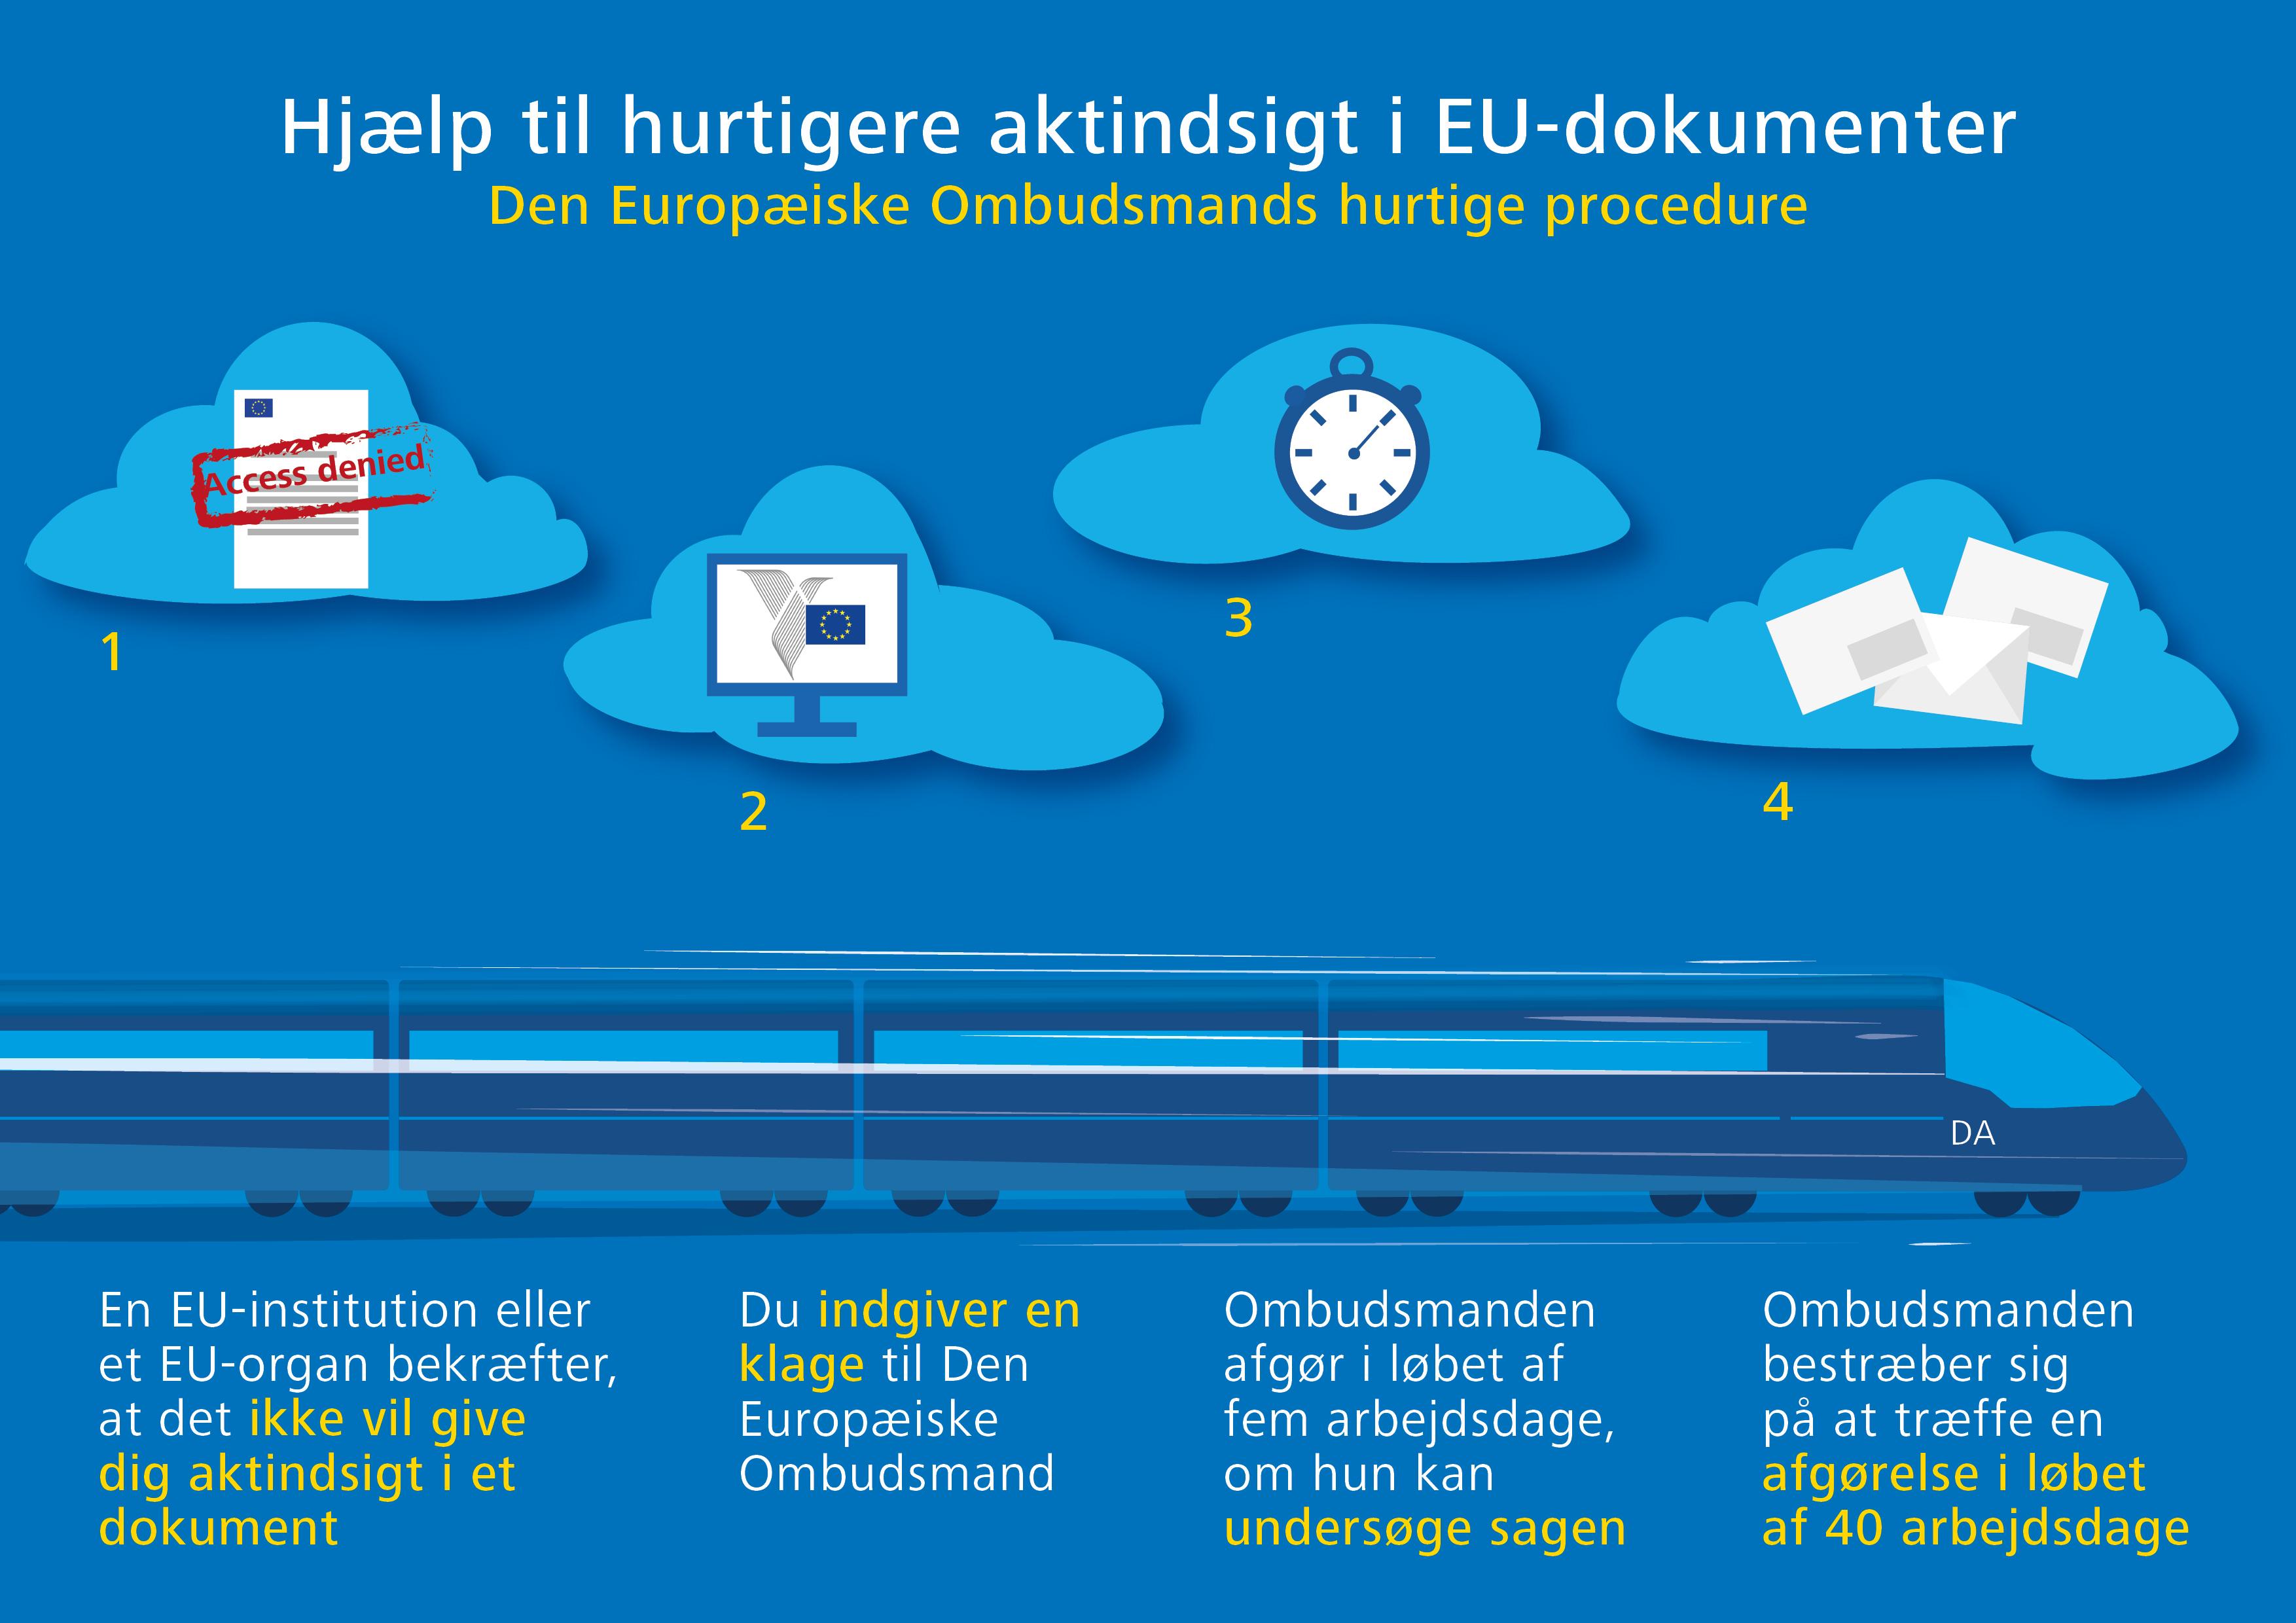 Hjælp til hurtigere aktindsigt i EU-dokumenter